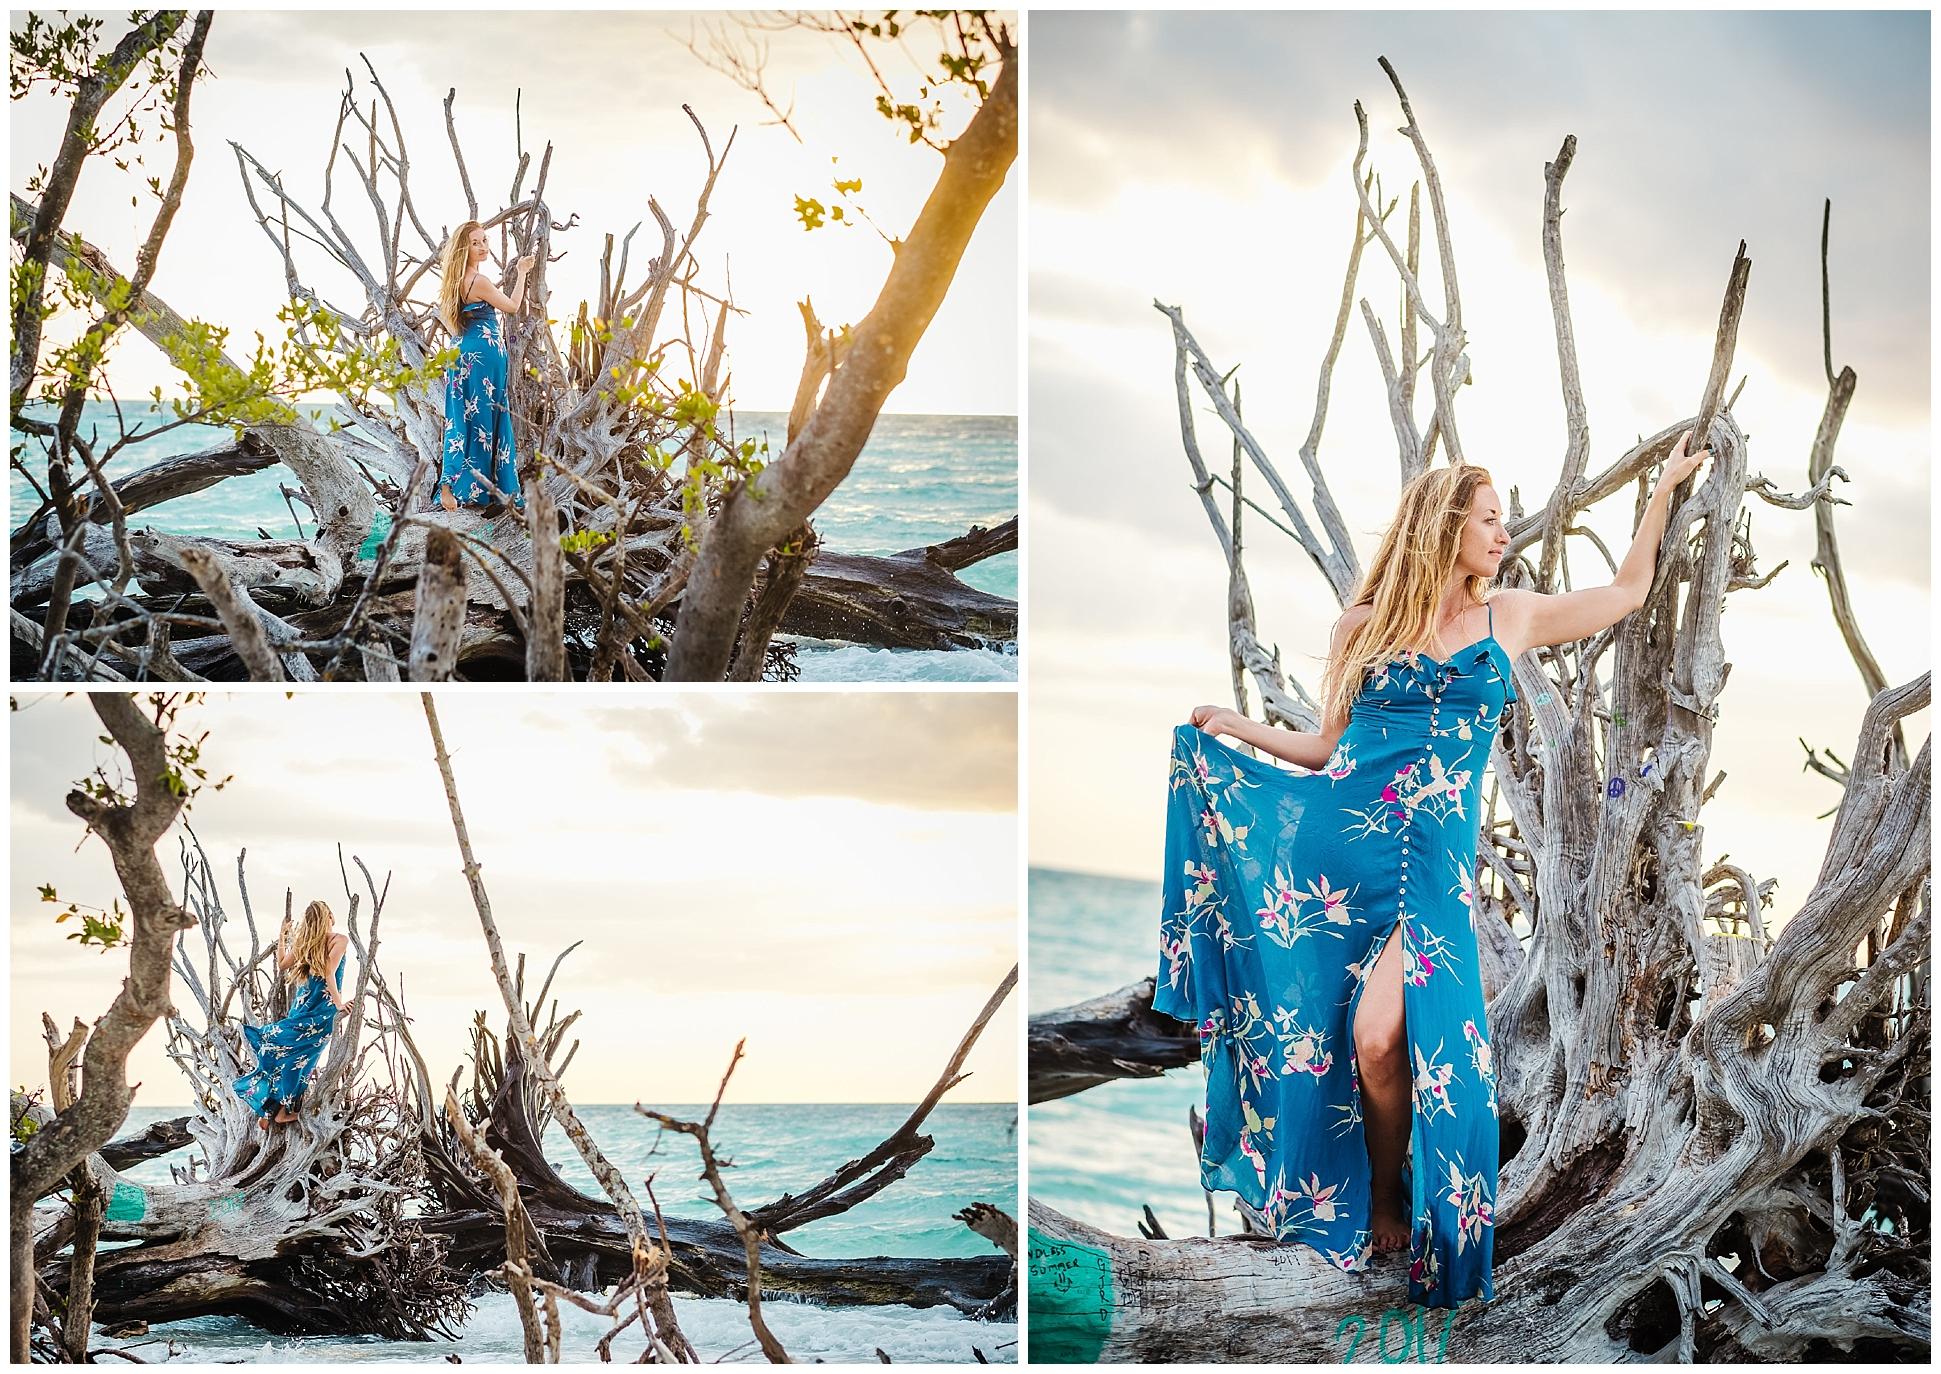 thai-caroline-yoga-long-boat-key-mermaid_10.jpg